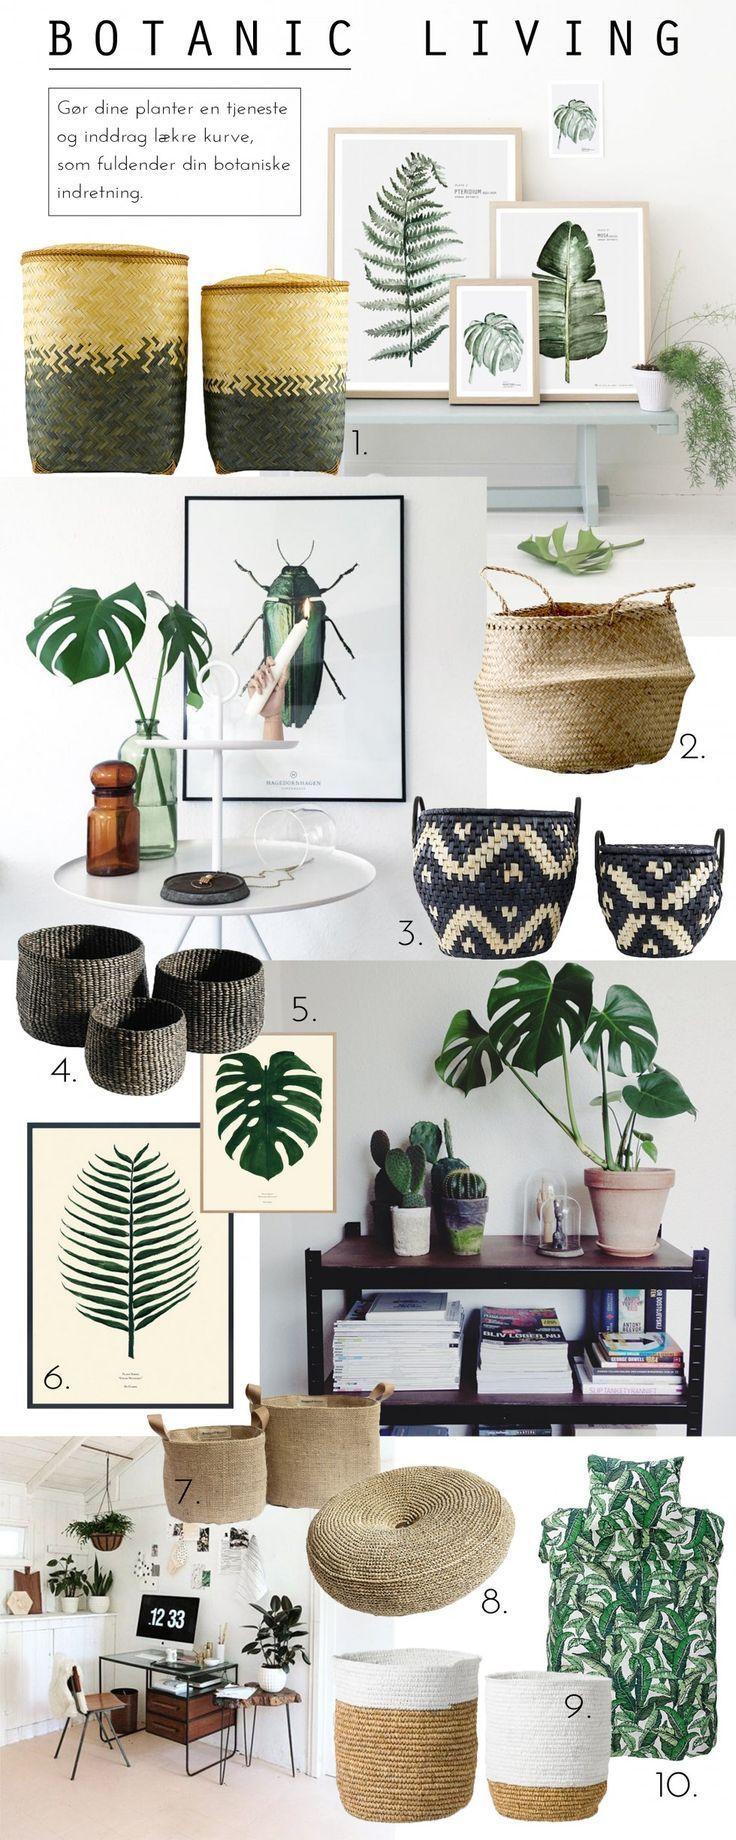 Badezimmer dekor kmart nice botanic living mine favoritter by homedecorexpe